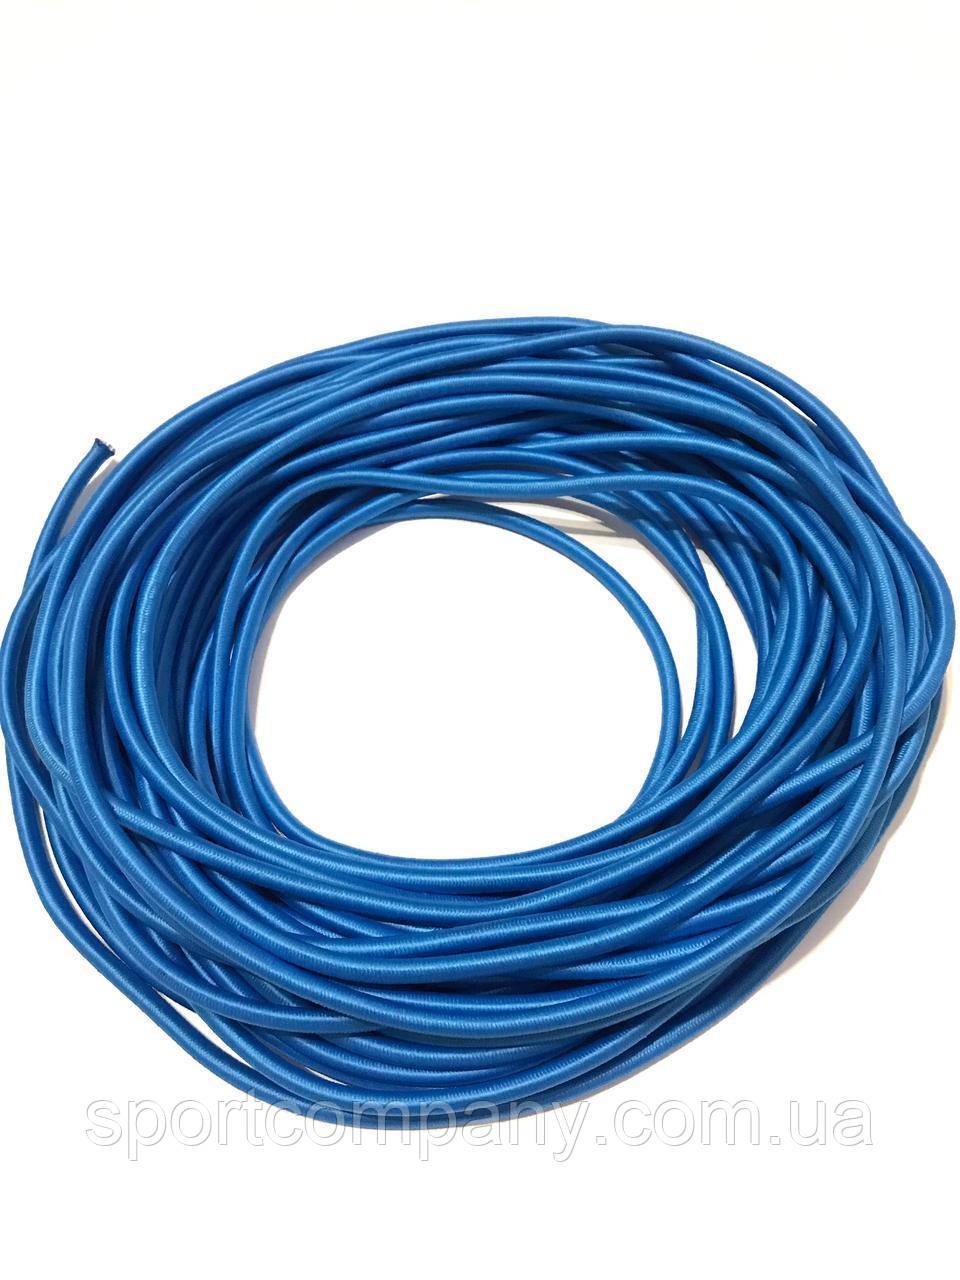 Жгут спортивный резиновый в тканевой оплетке ( резина, d-8 мм, I-200 см, голубой ) rez.zhyt8blue